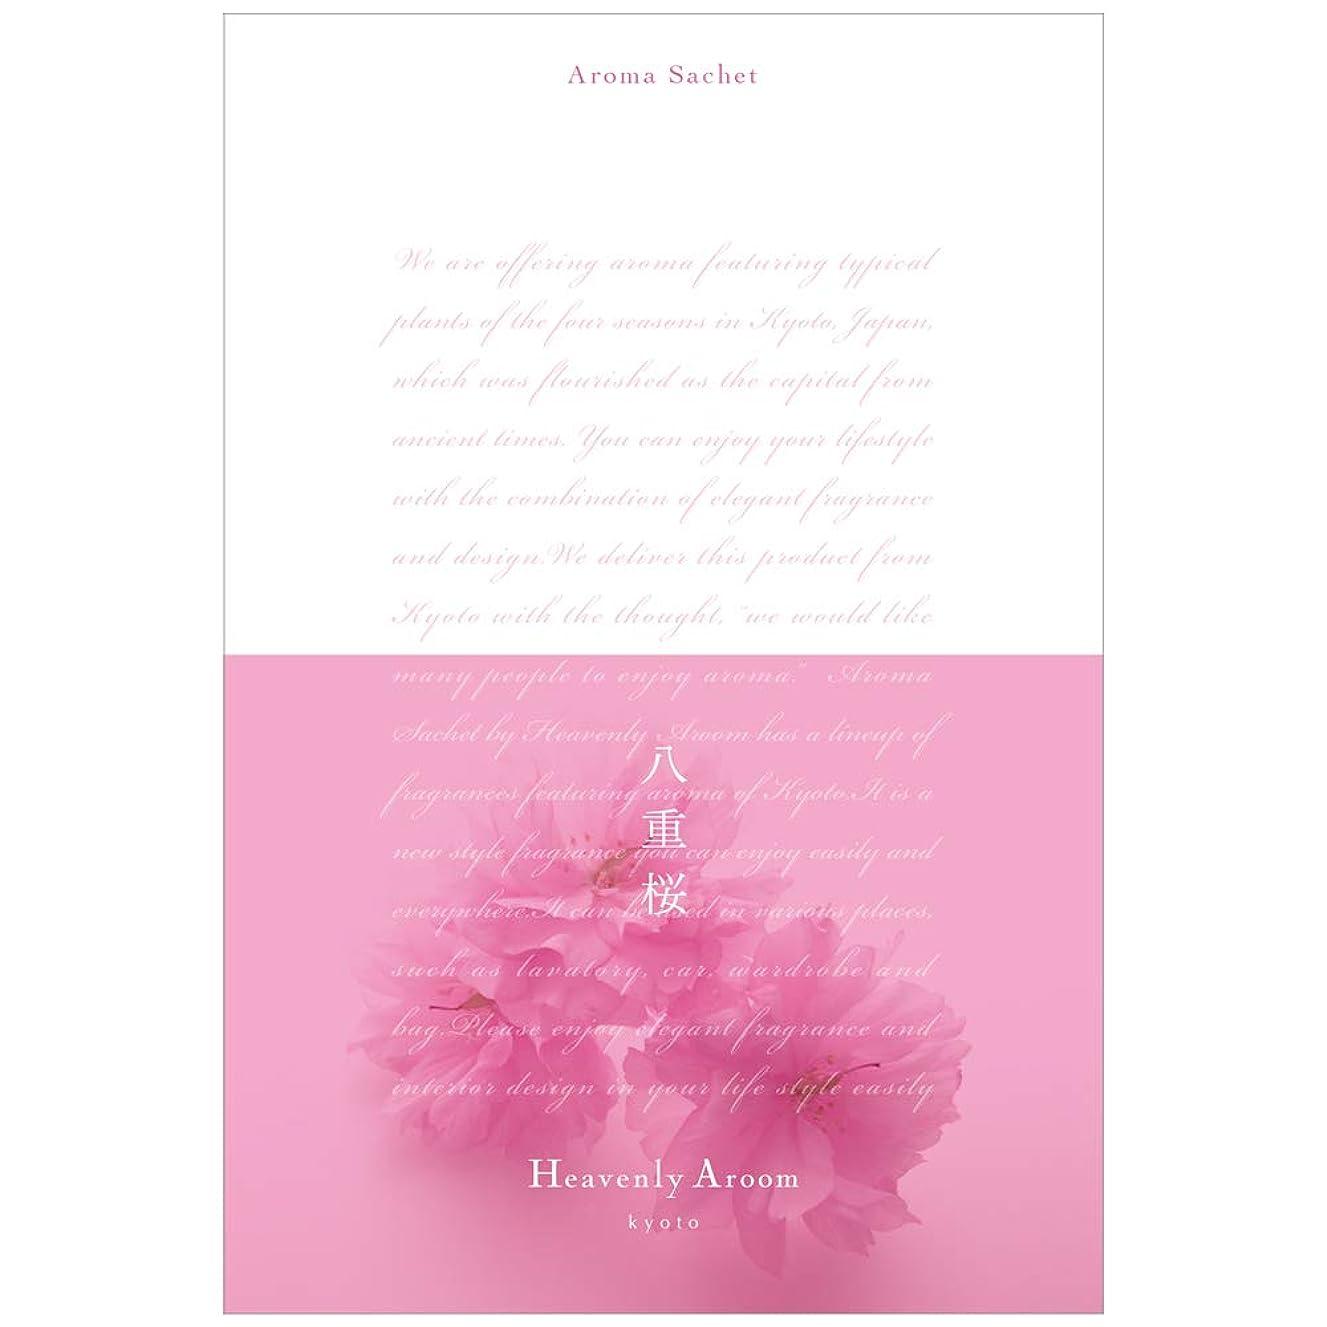 禁止不測の事態ビバHeavenly Aroom アロマサシェL 八重桜